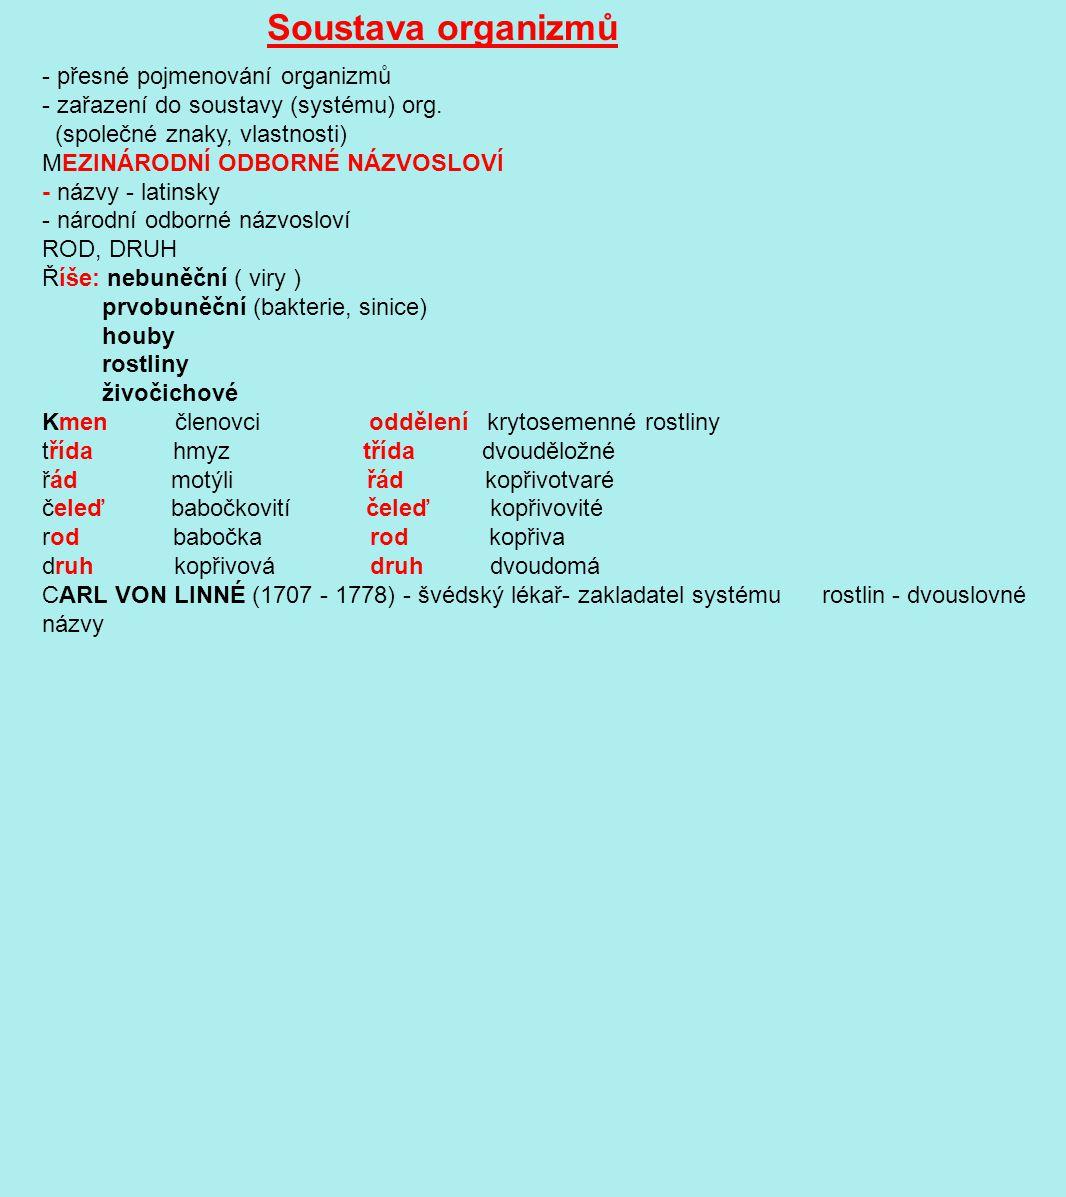 Soustava organizmů - přesné pojmenování organizmů - zařazení do soustavy (systému) org. (společné znaky, vlastnosti) MEZINÁRODNÍ ODBORNÉ NÁZVOSLOVÍ -